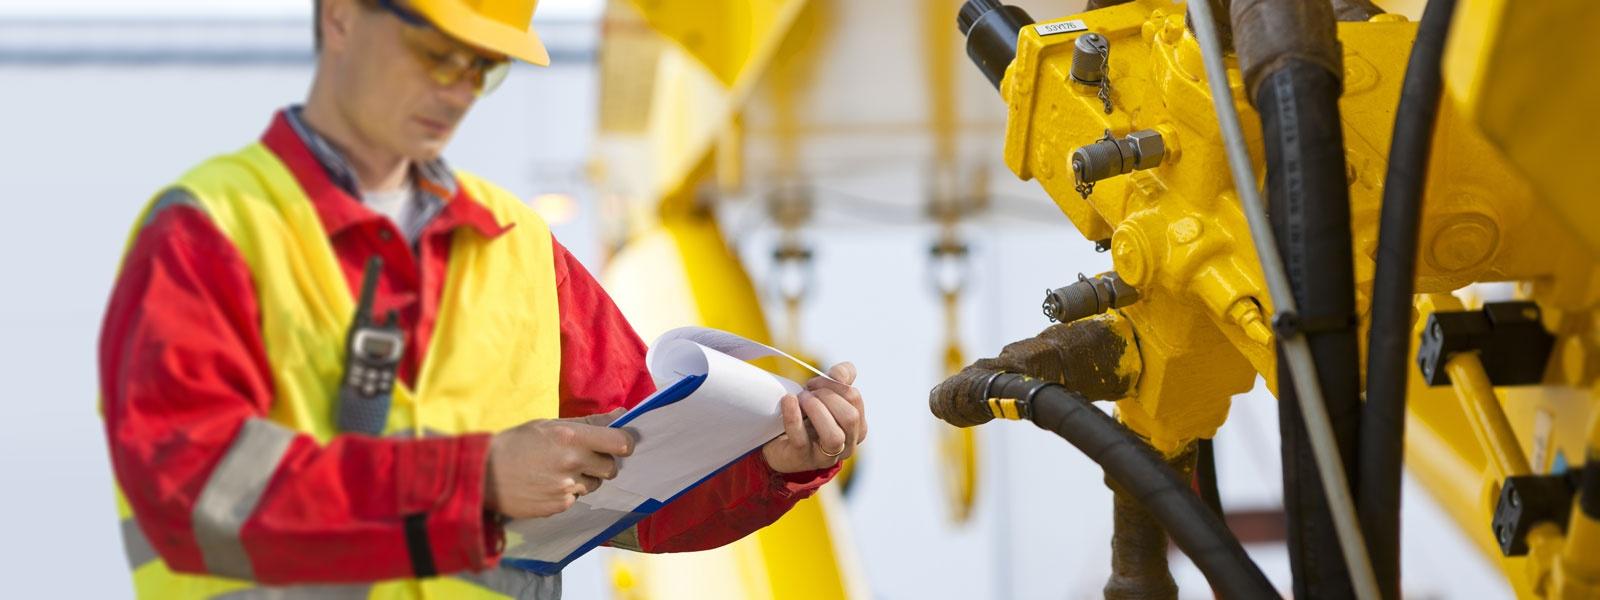 service utilaje hidraulice iasi